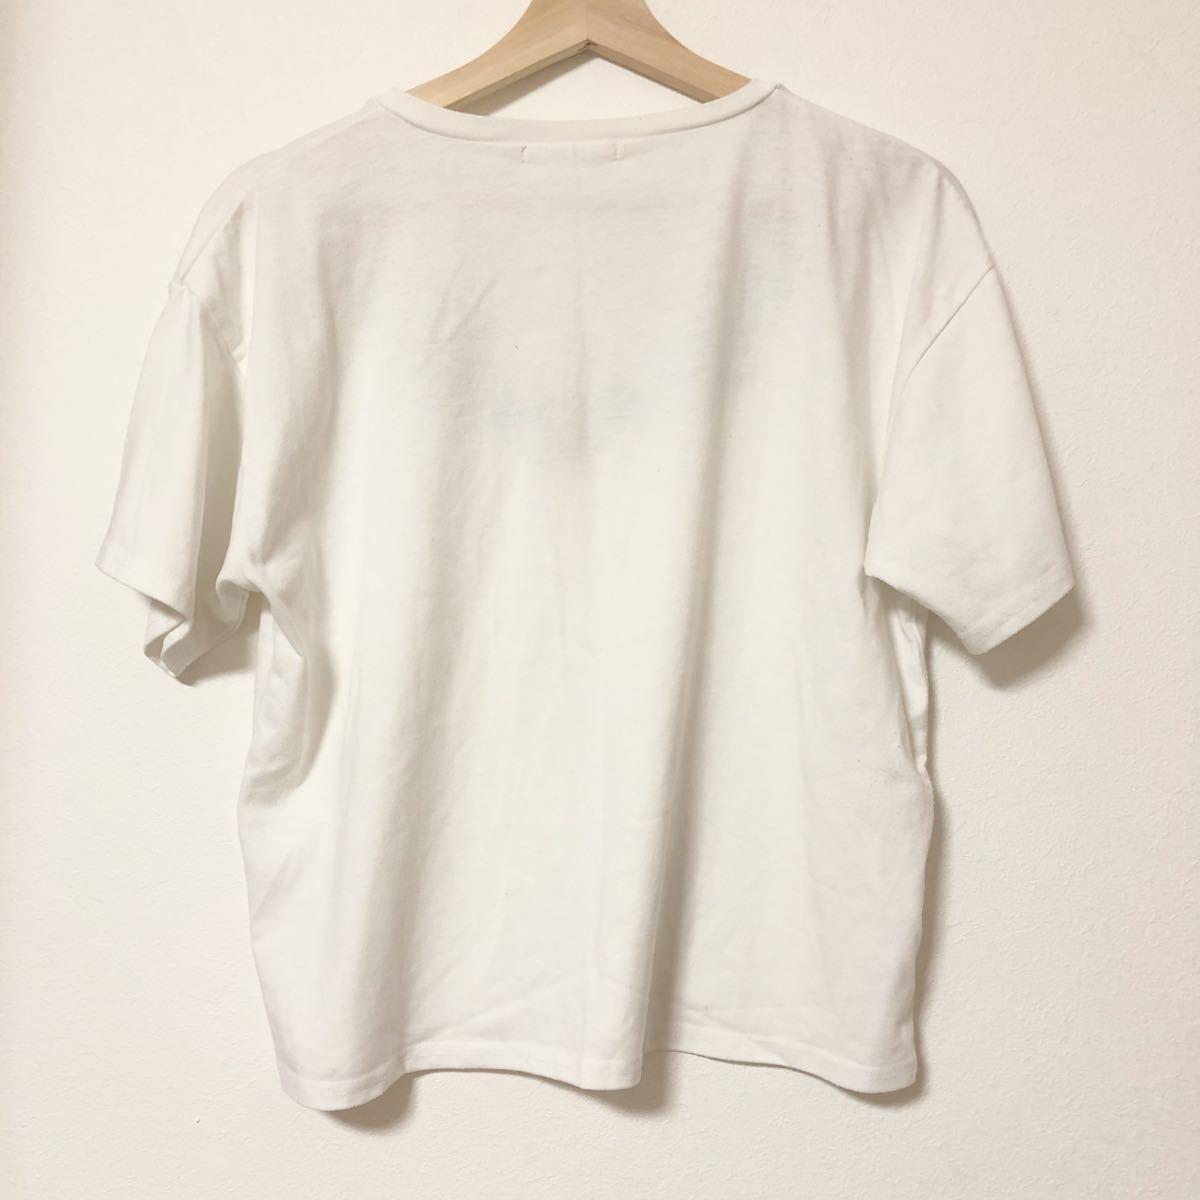 半袖 Tシャツ カットソー トップス